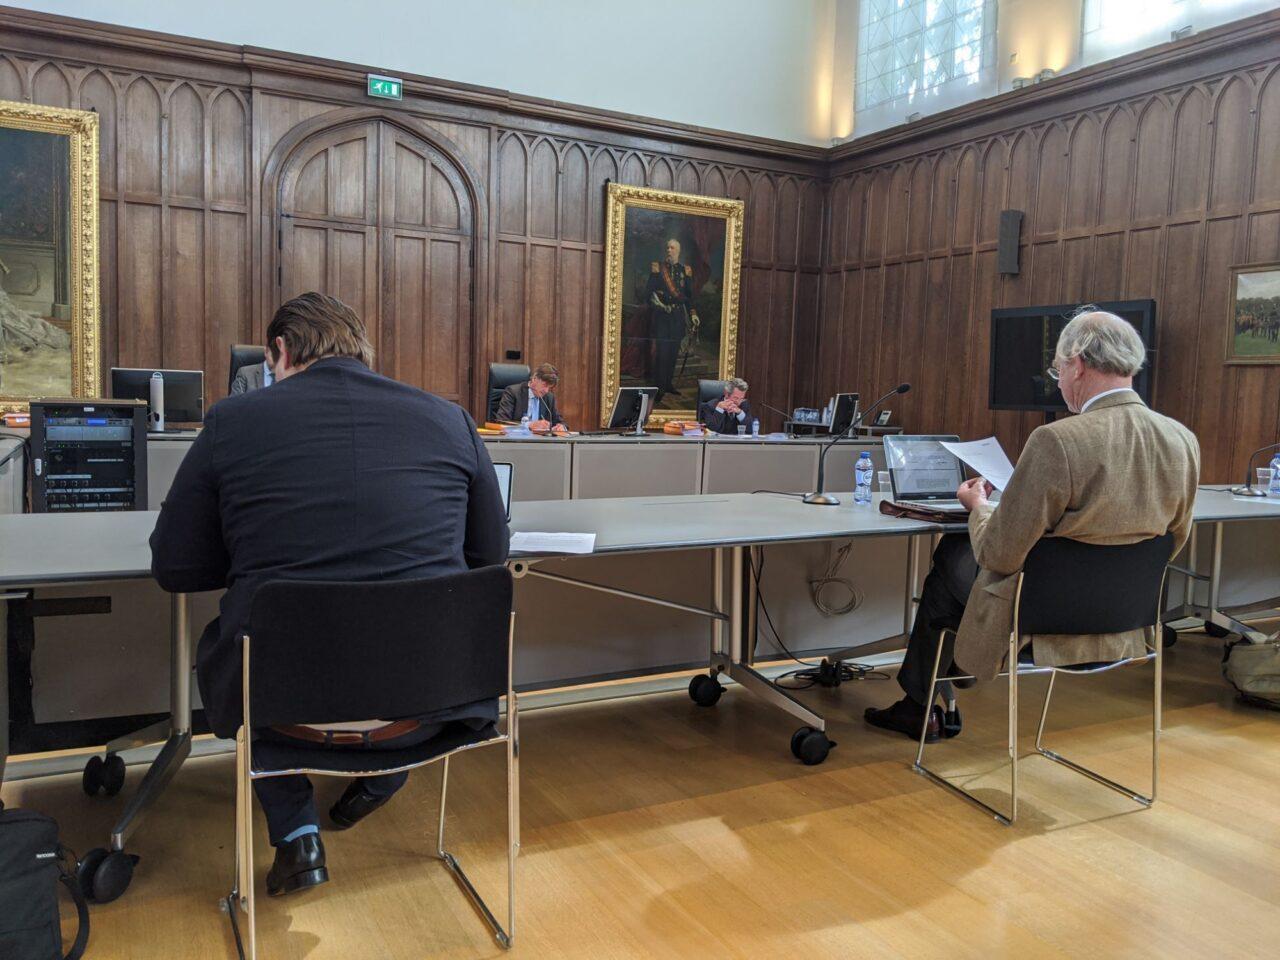 cbho raad van state paleiszaal Den Haag Jasper Klasen Erasmus MC foto Elmer Smaling (4) (2000px)